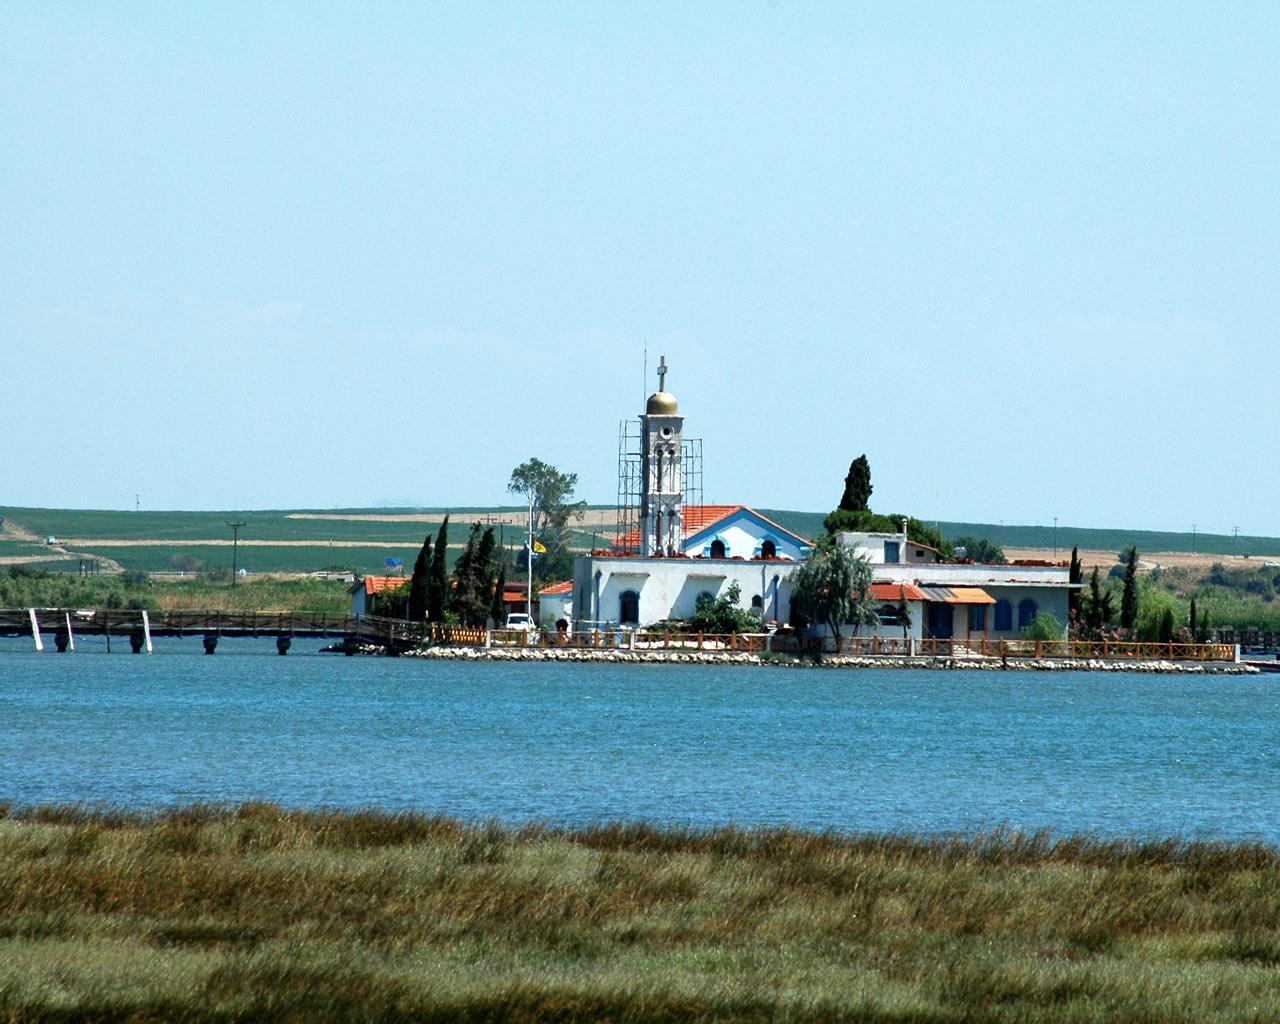 Άγιος Νικόλας - μετόχι Μονής Βατοπεδίου στην Βιστωνίδα λίμνη (Πορτό Λάγος-Ξάνθη) Lagos010